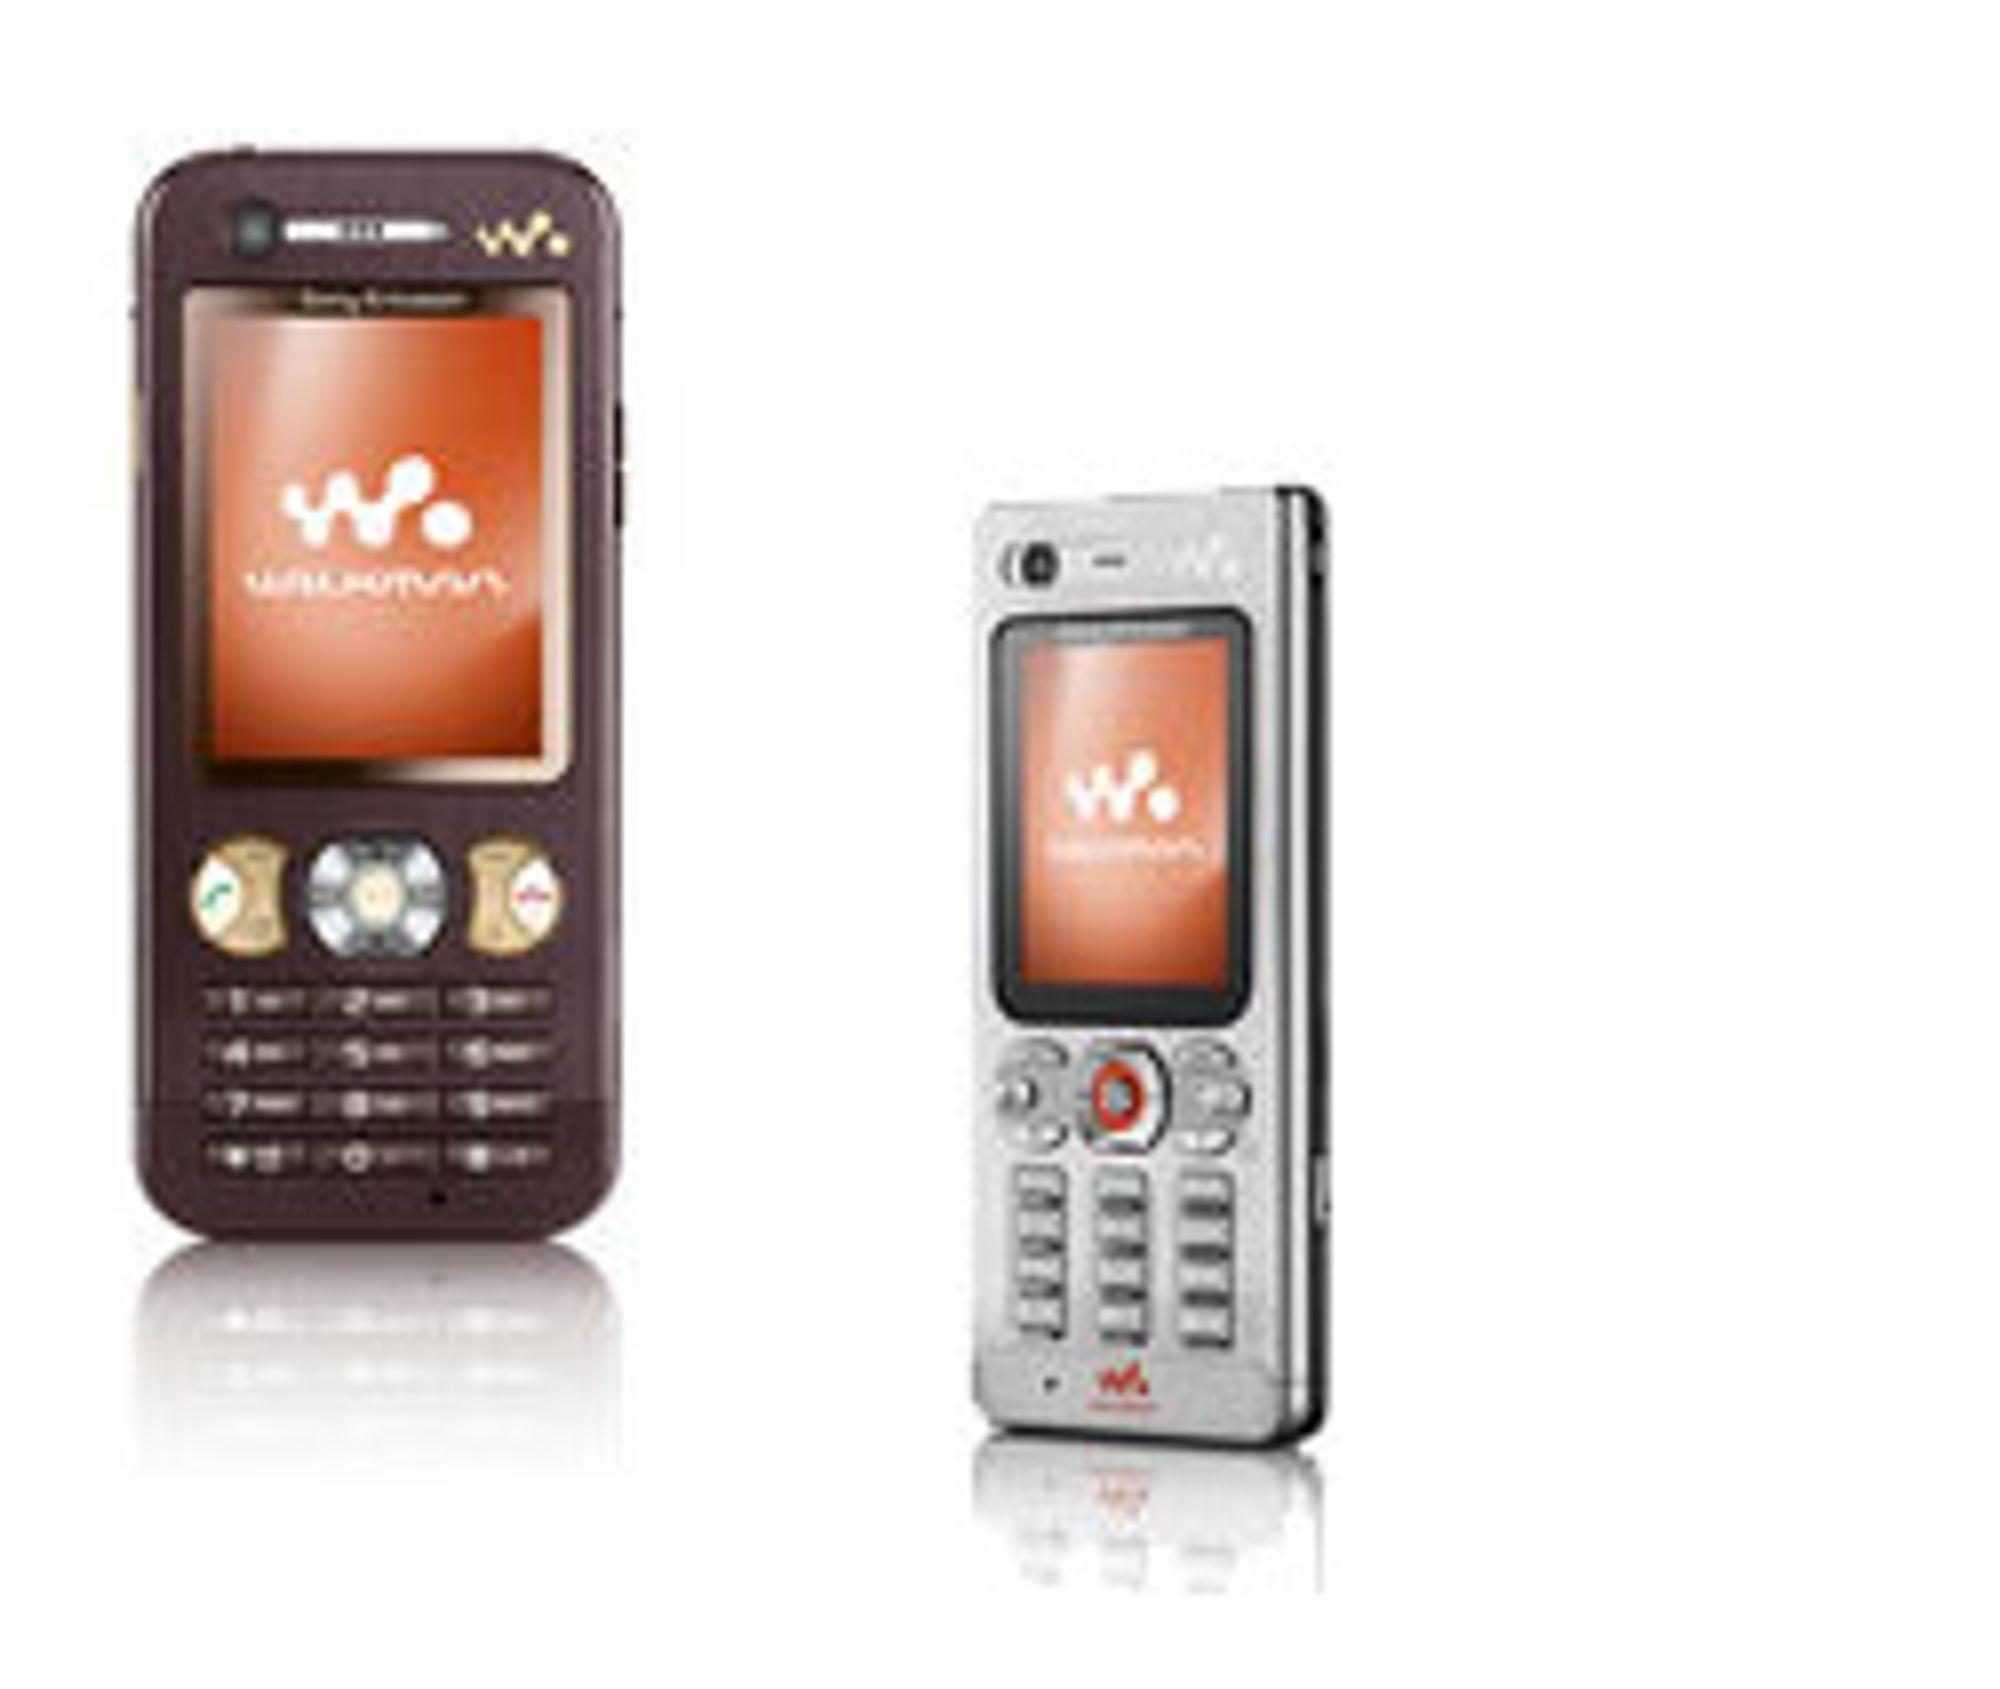 Fra venstre: Sony Ericsson W890i og W880i.